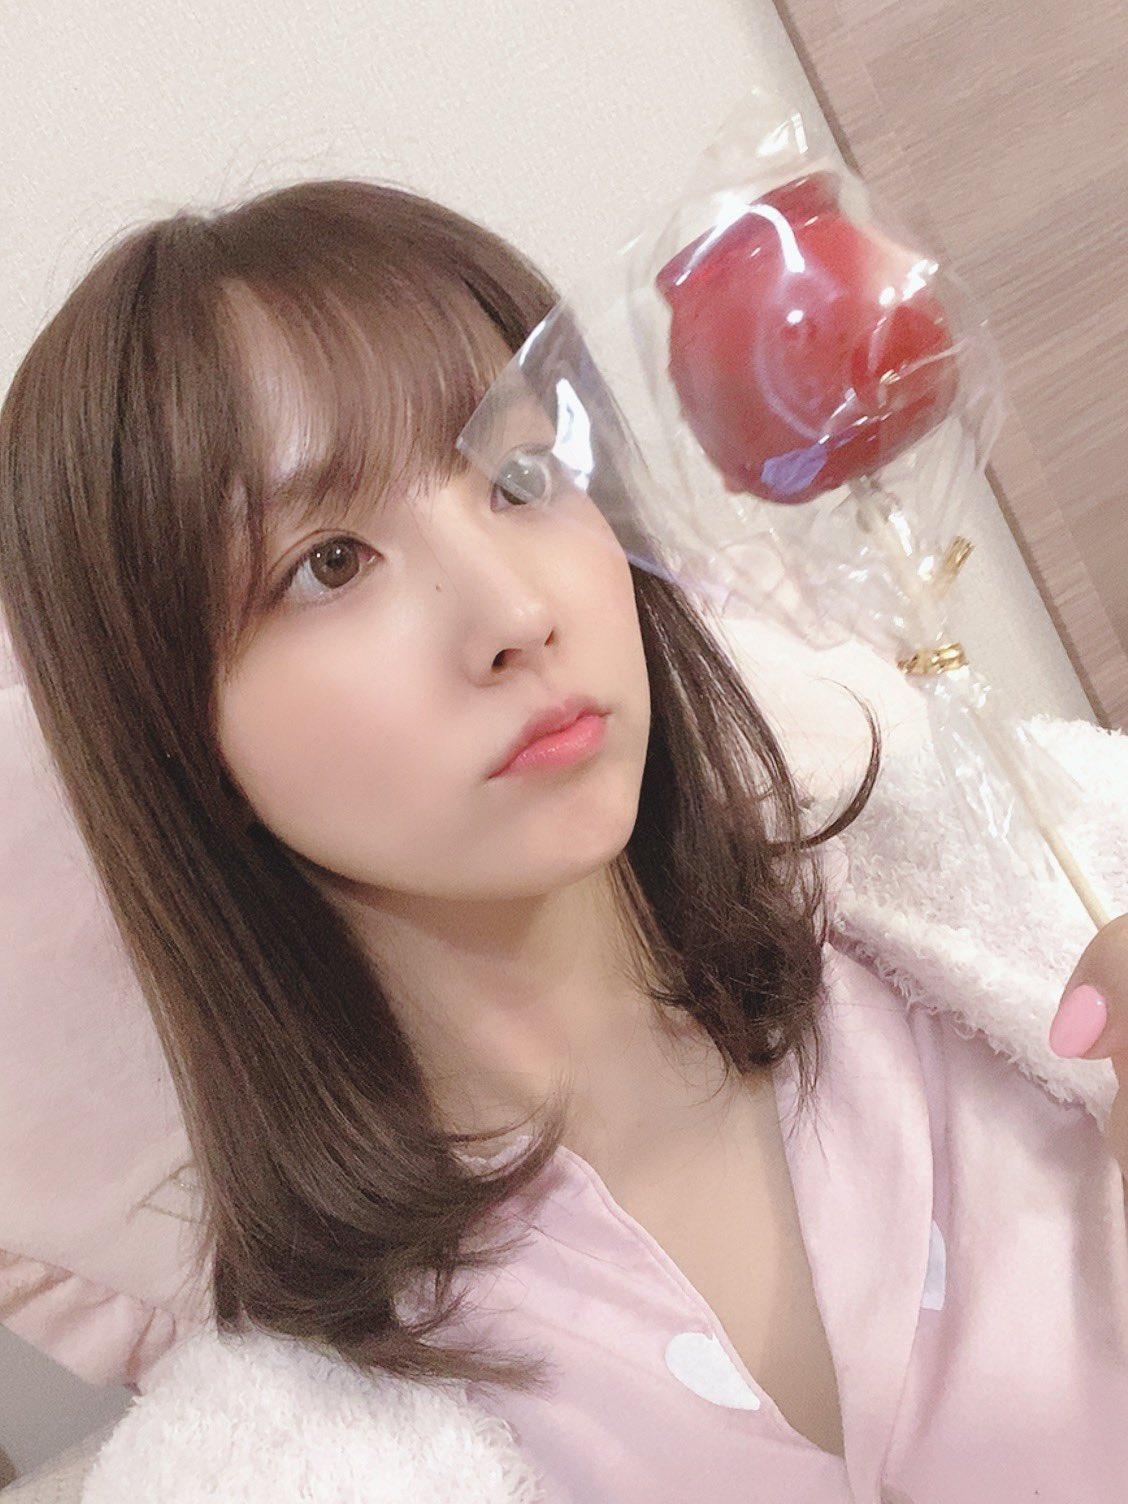 yua_mikami 1197367974186741760_p1